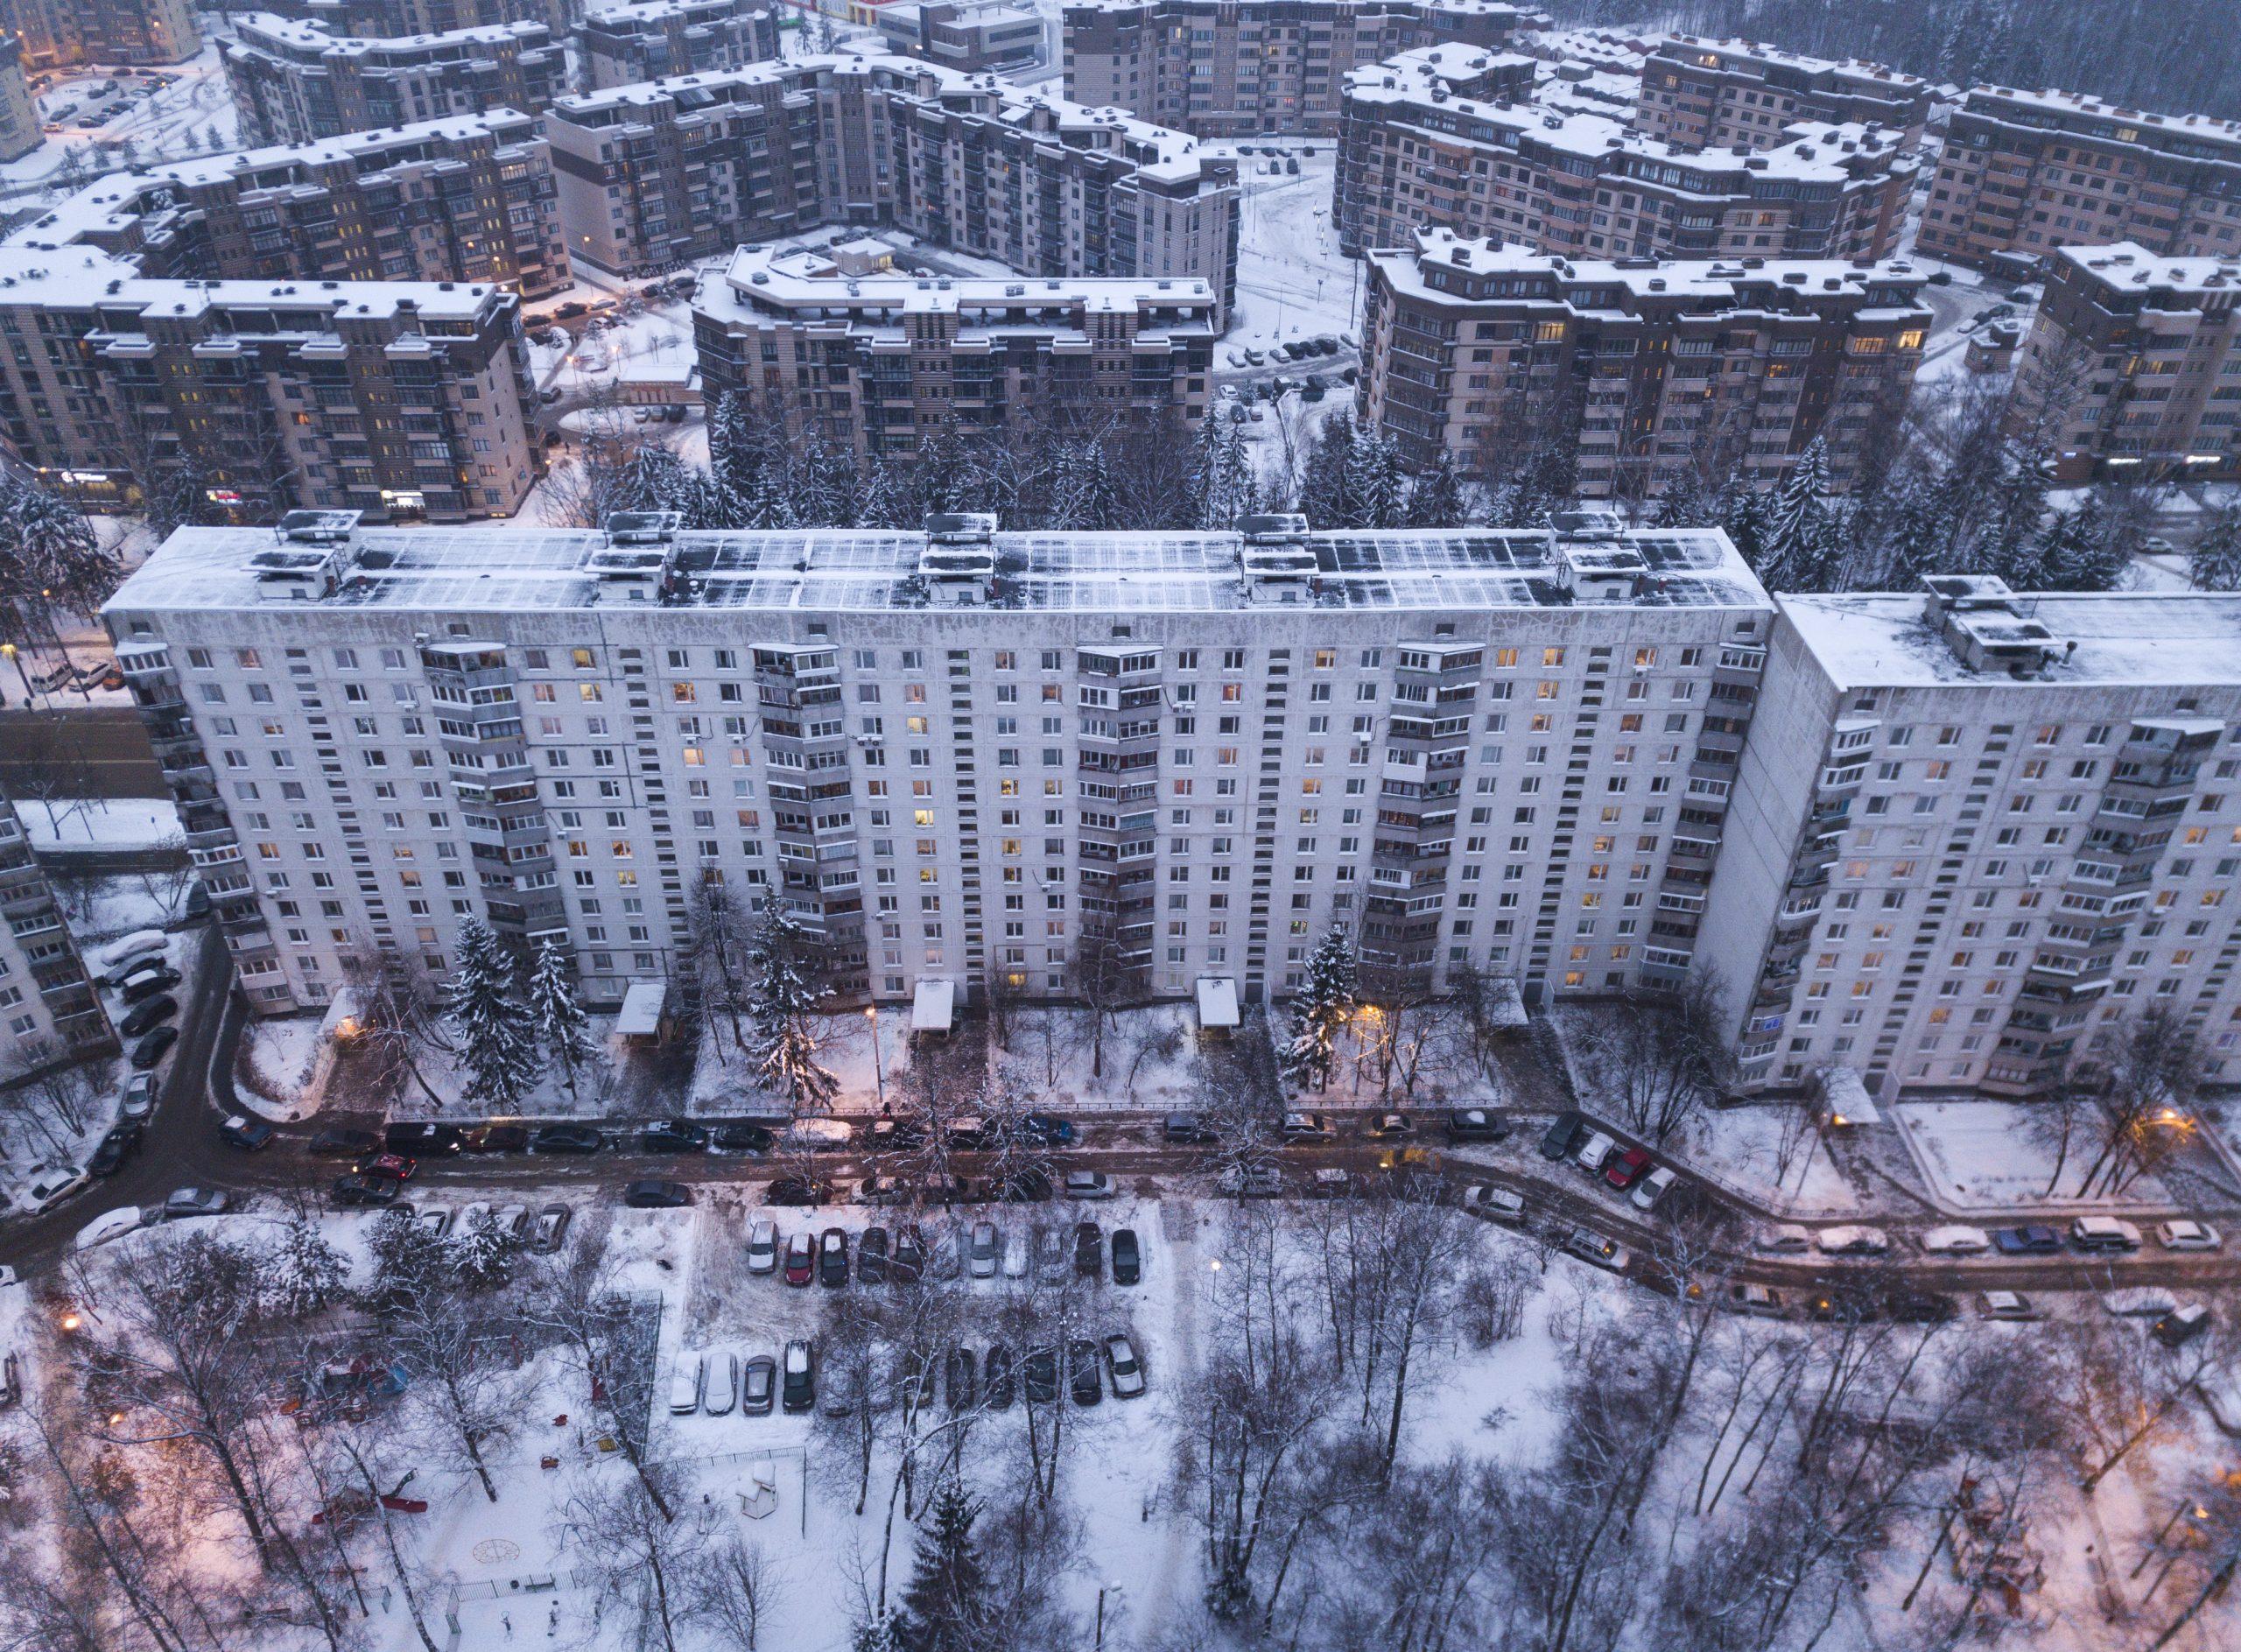 Развитие социальной инфраструктуры увеличит численность населения Новой Москвы. Фото: Александр Кожохин, «Вечерняя Москва»